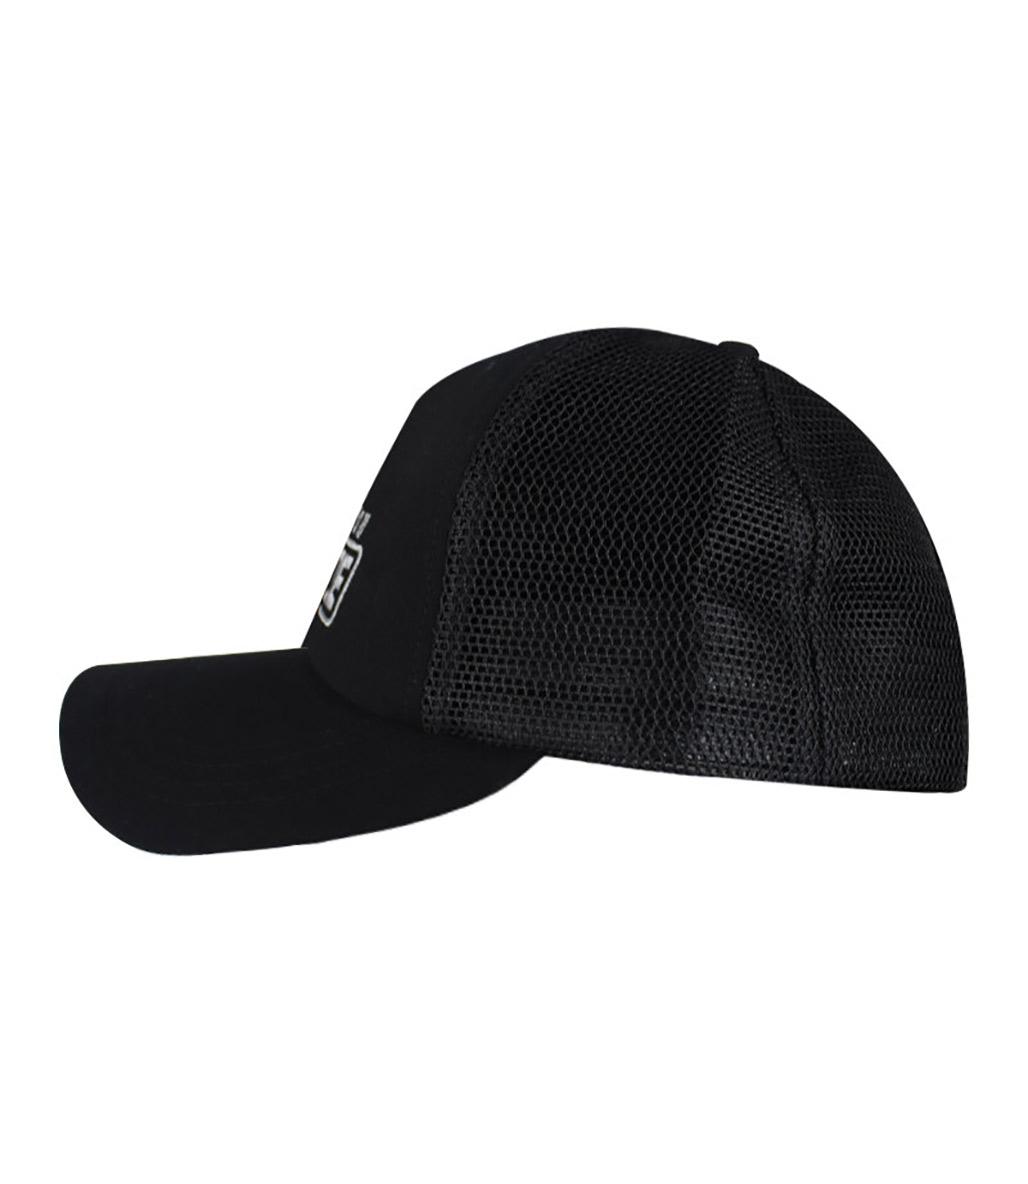 Kingsize Fileli Şapka Siyah